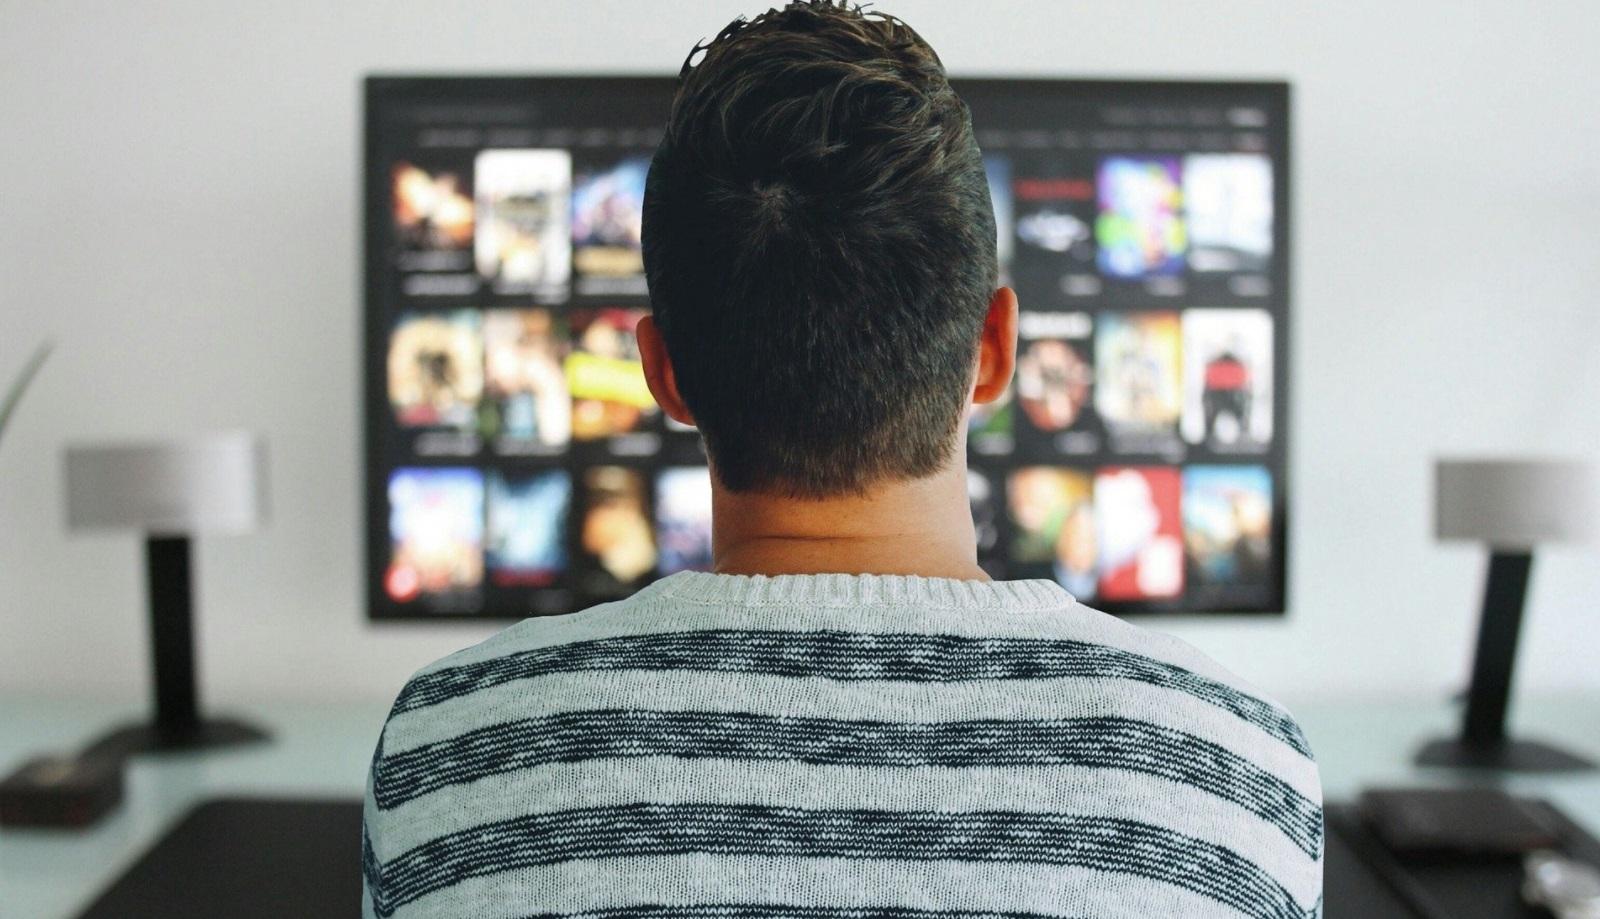 Homme devant logiciel streaming